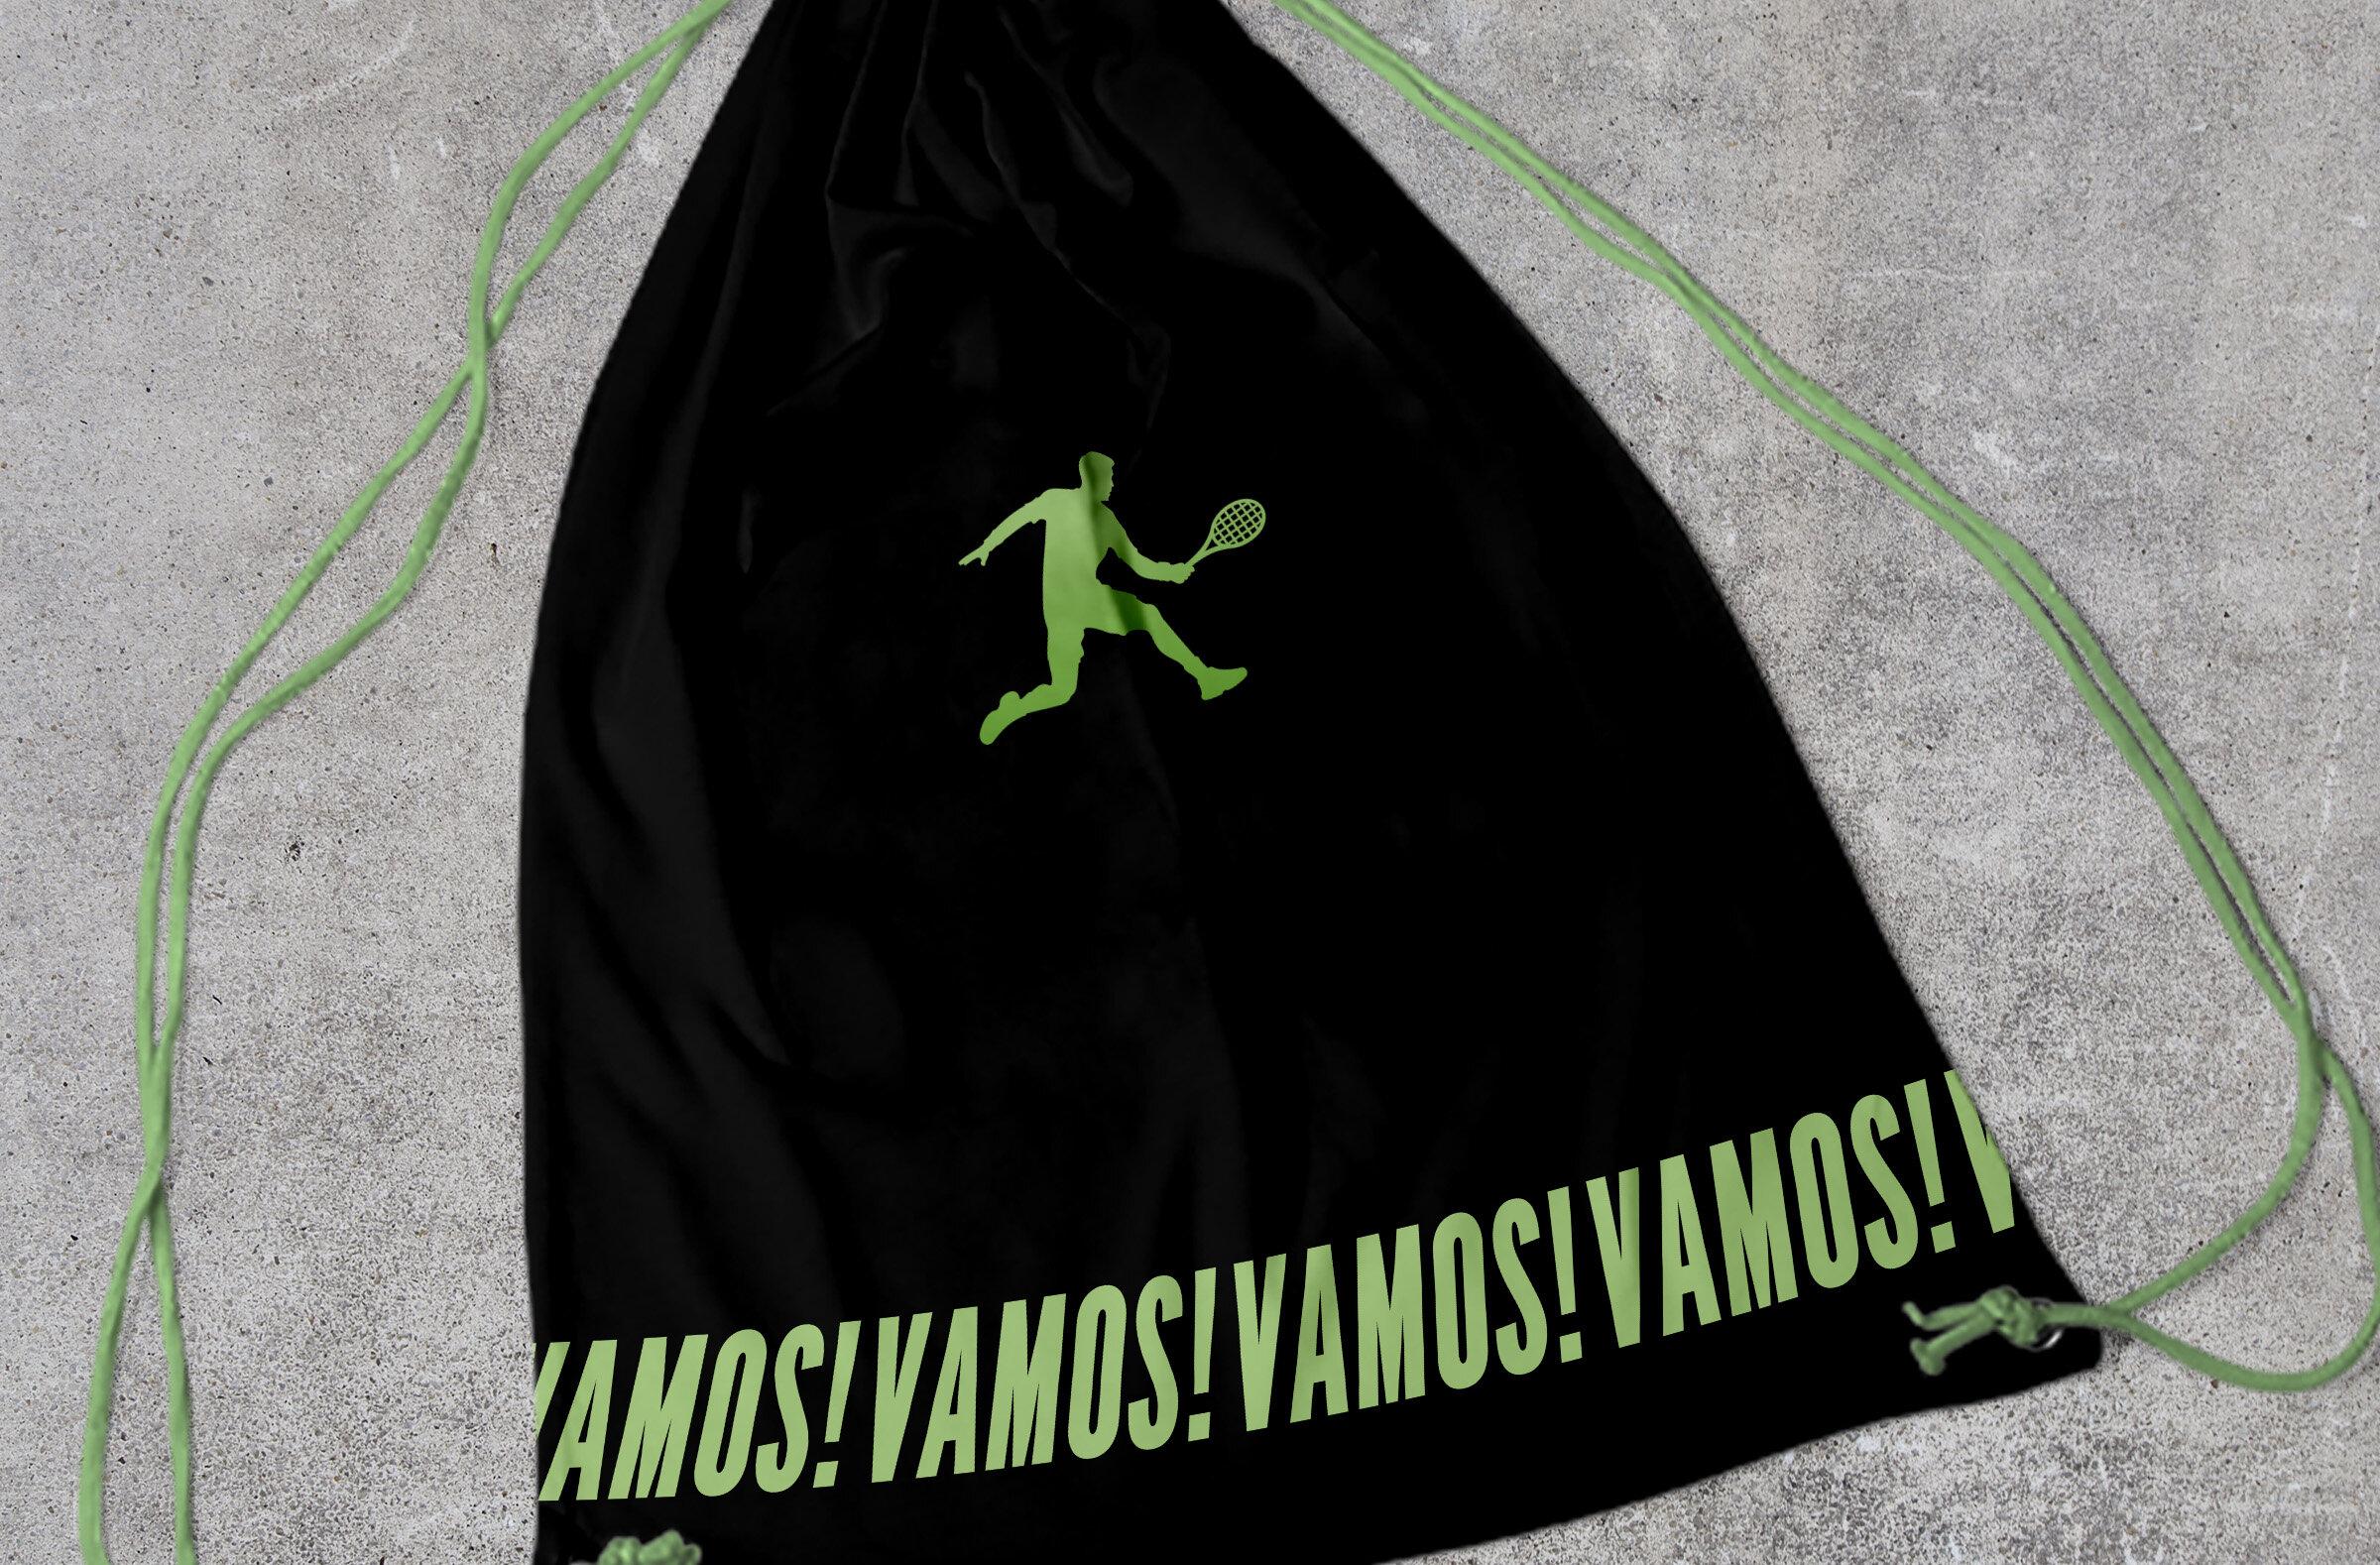 Vamos_bag.jpg